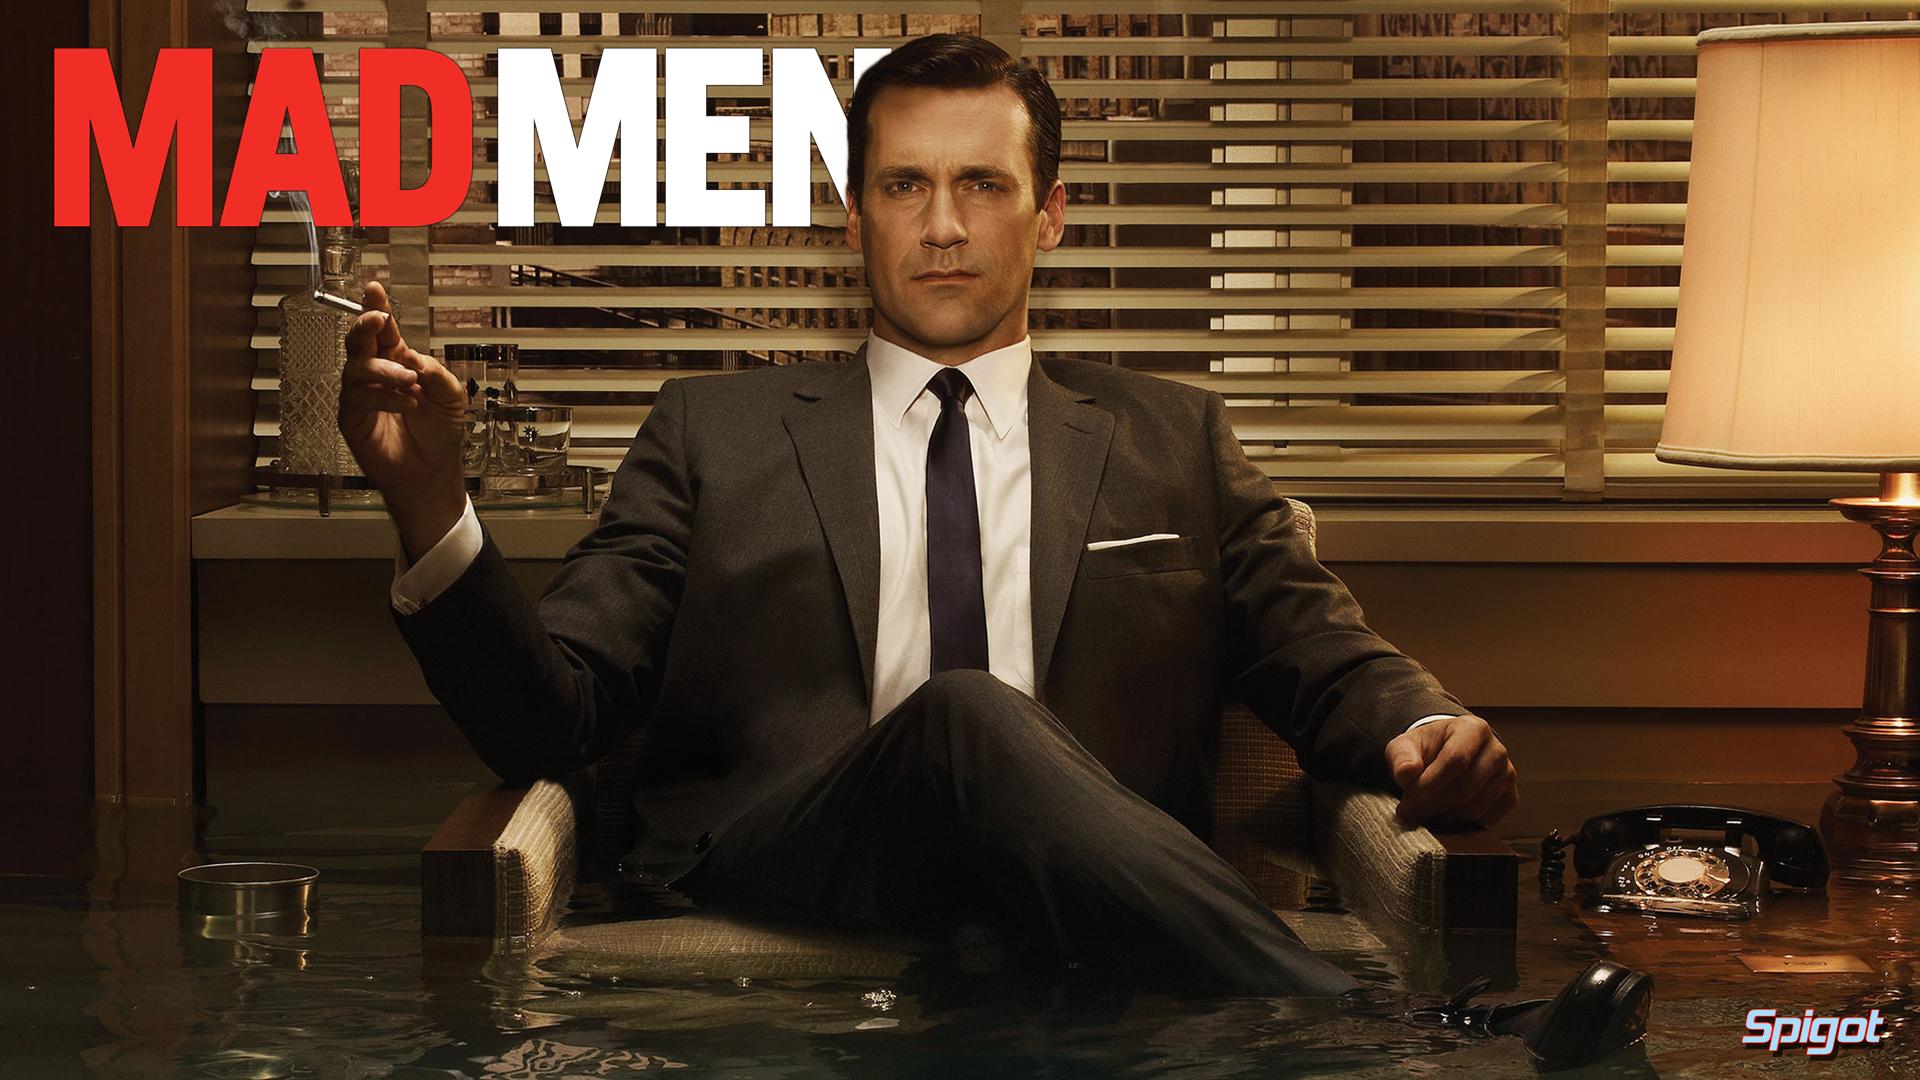 Mad Men Wallpaper - WallpaperSafari